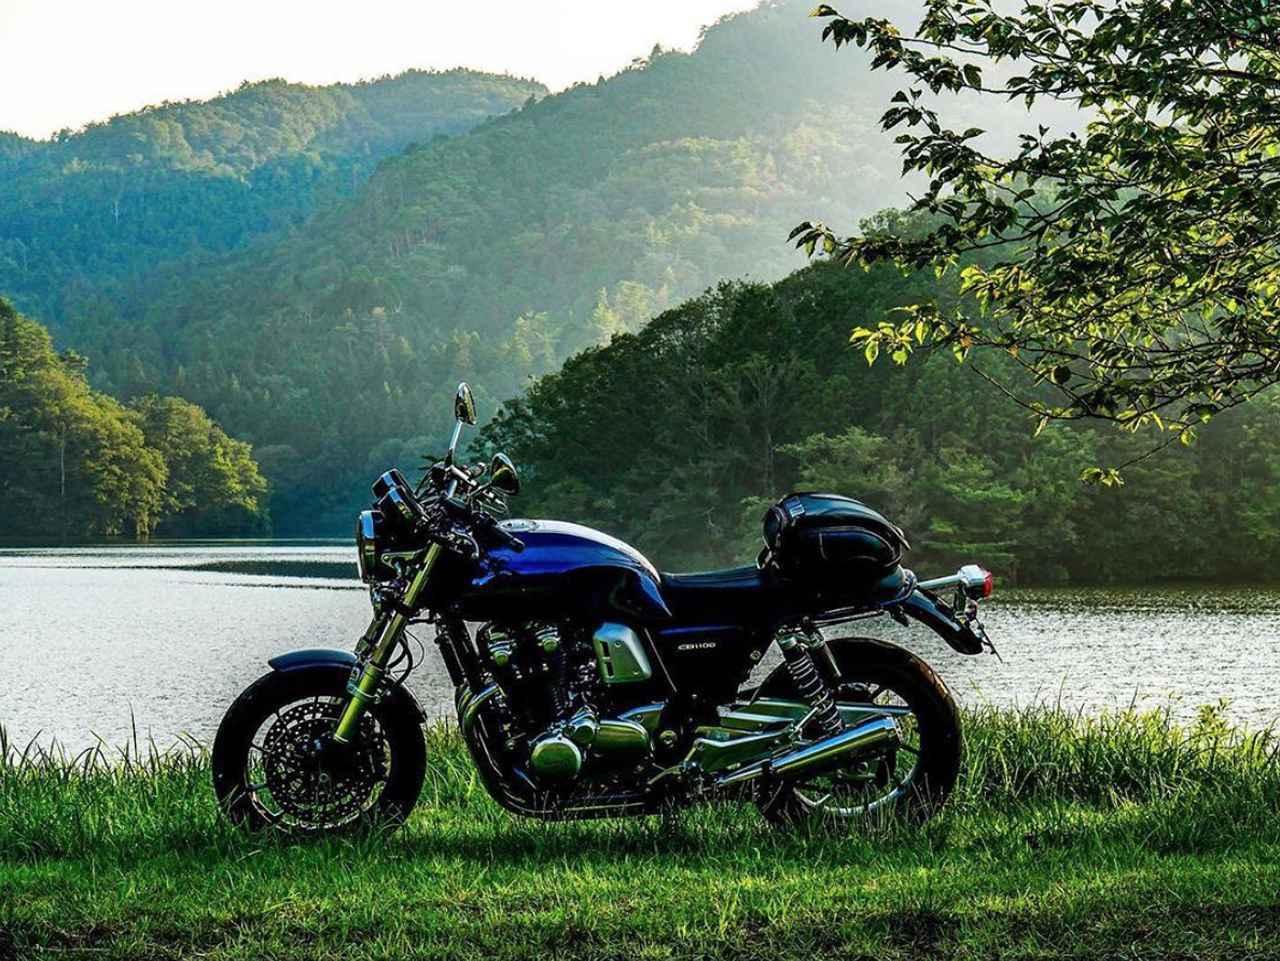 画像: 大自然をバックに溶け込むホンダバイクの存在感【リトホンインスタ部vol.97】 - A Little Honda | ア・リトル・ホンダ(リトホン)